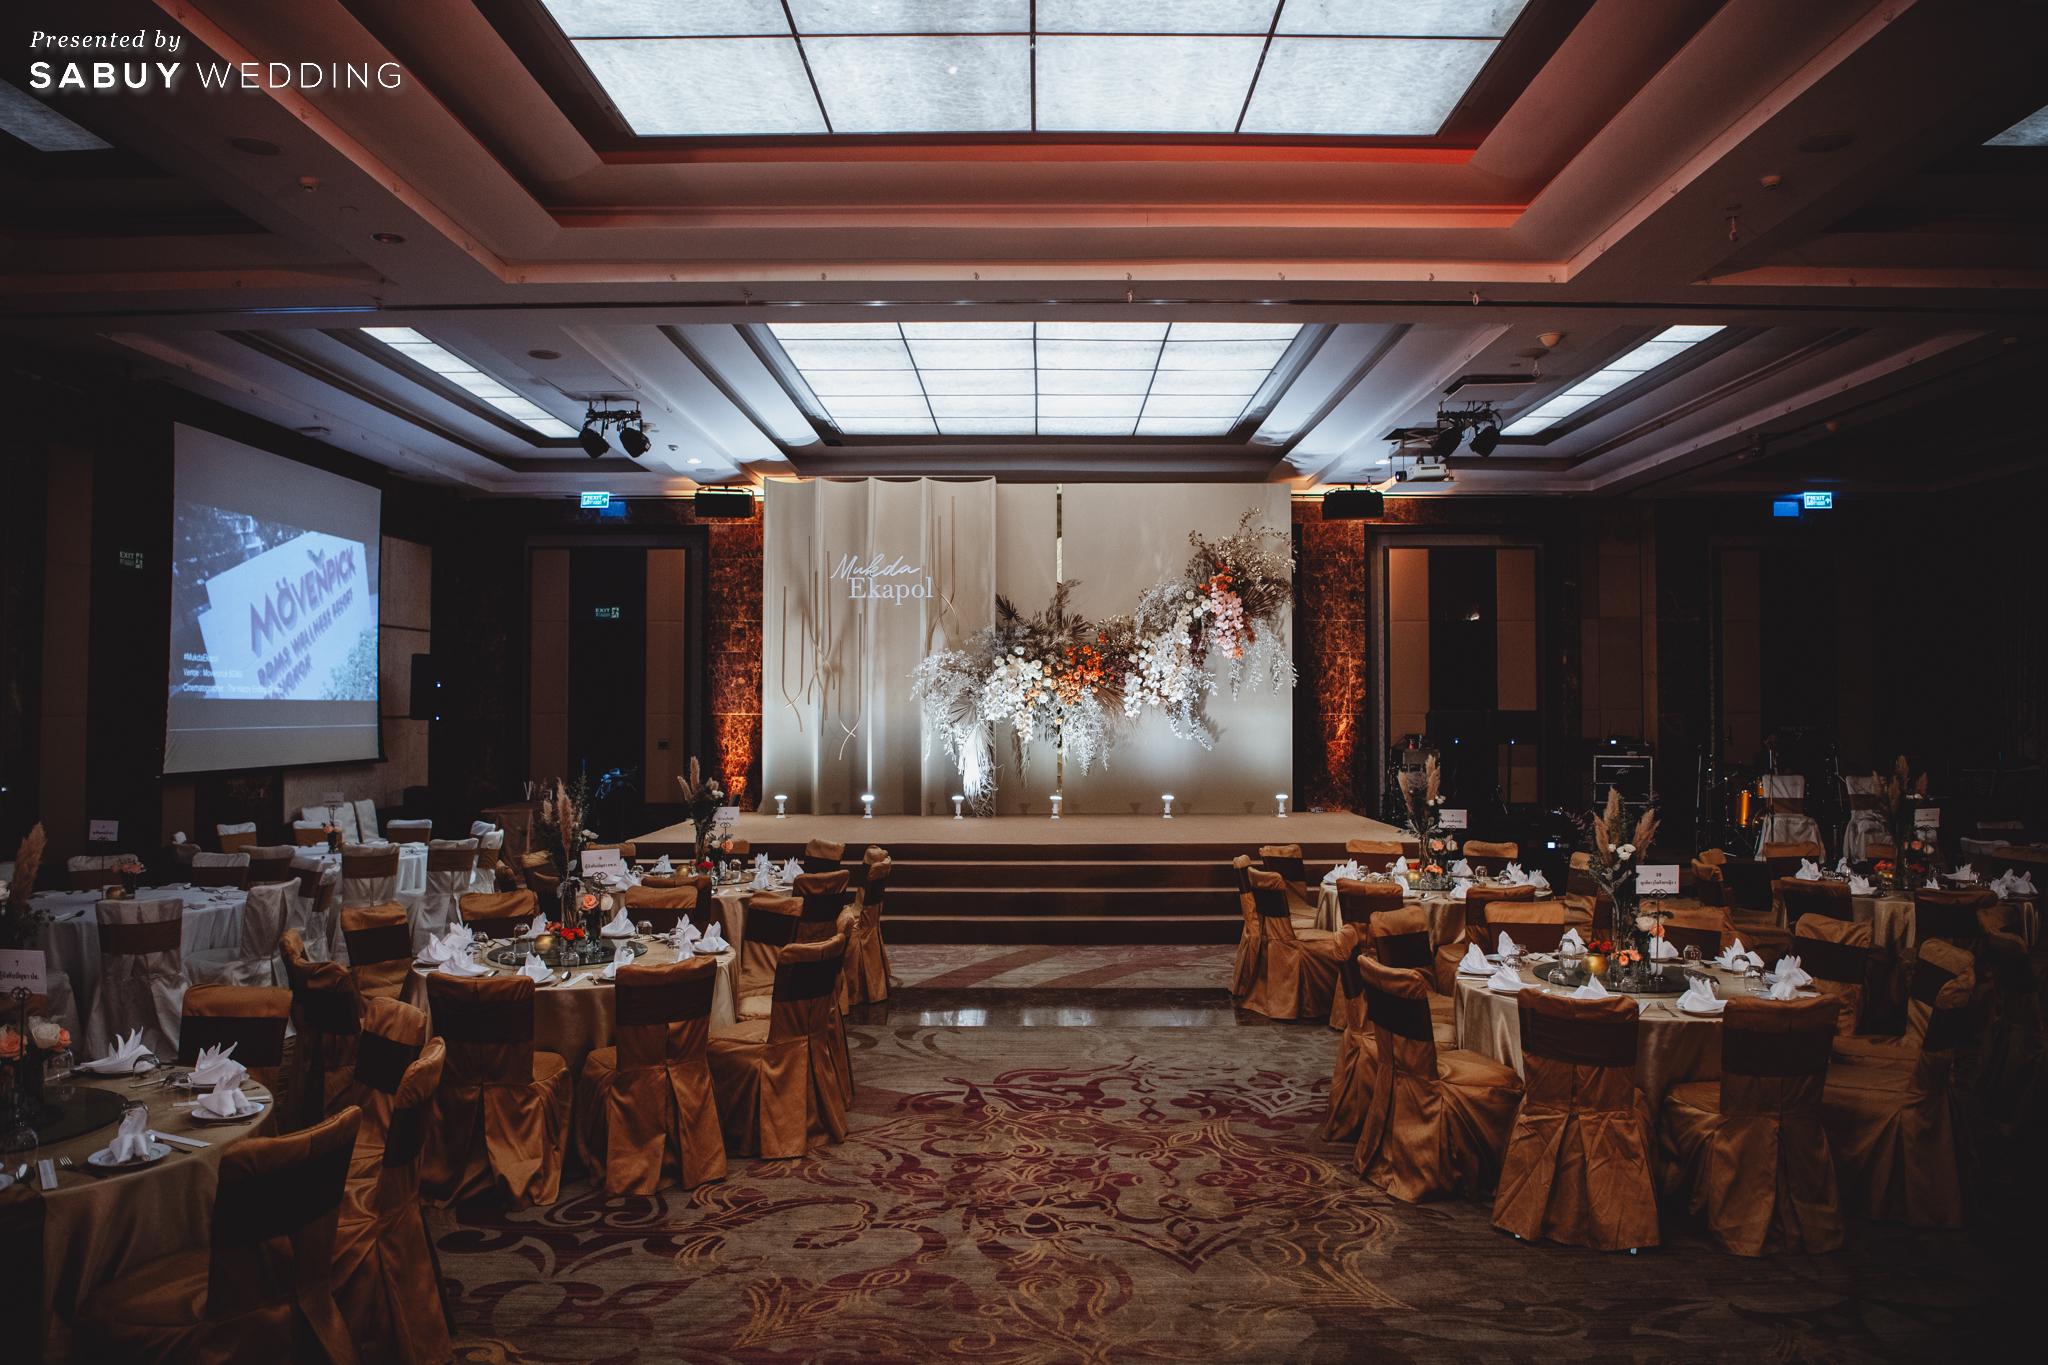 โรงแรม,สถานที่แต่งงาน รีวิวงานแต่งโทนสีแชมเปญ สวยเรียบหรู ดูโมเดิร์น @ Sofitel Bangkok Sukhumvit